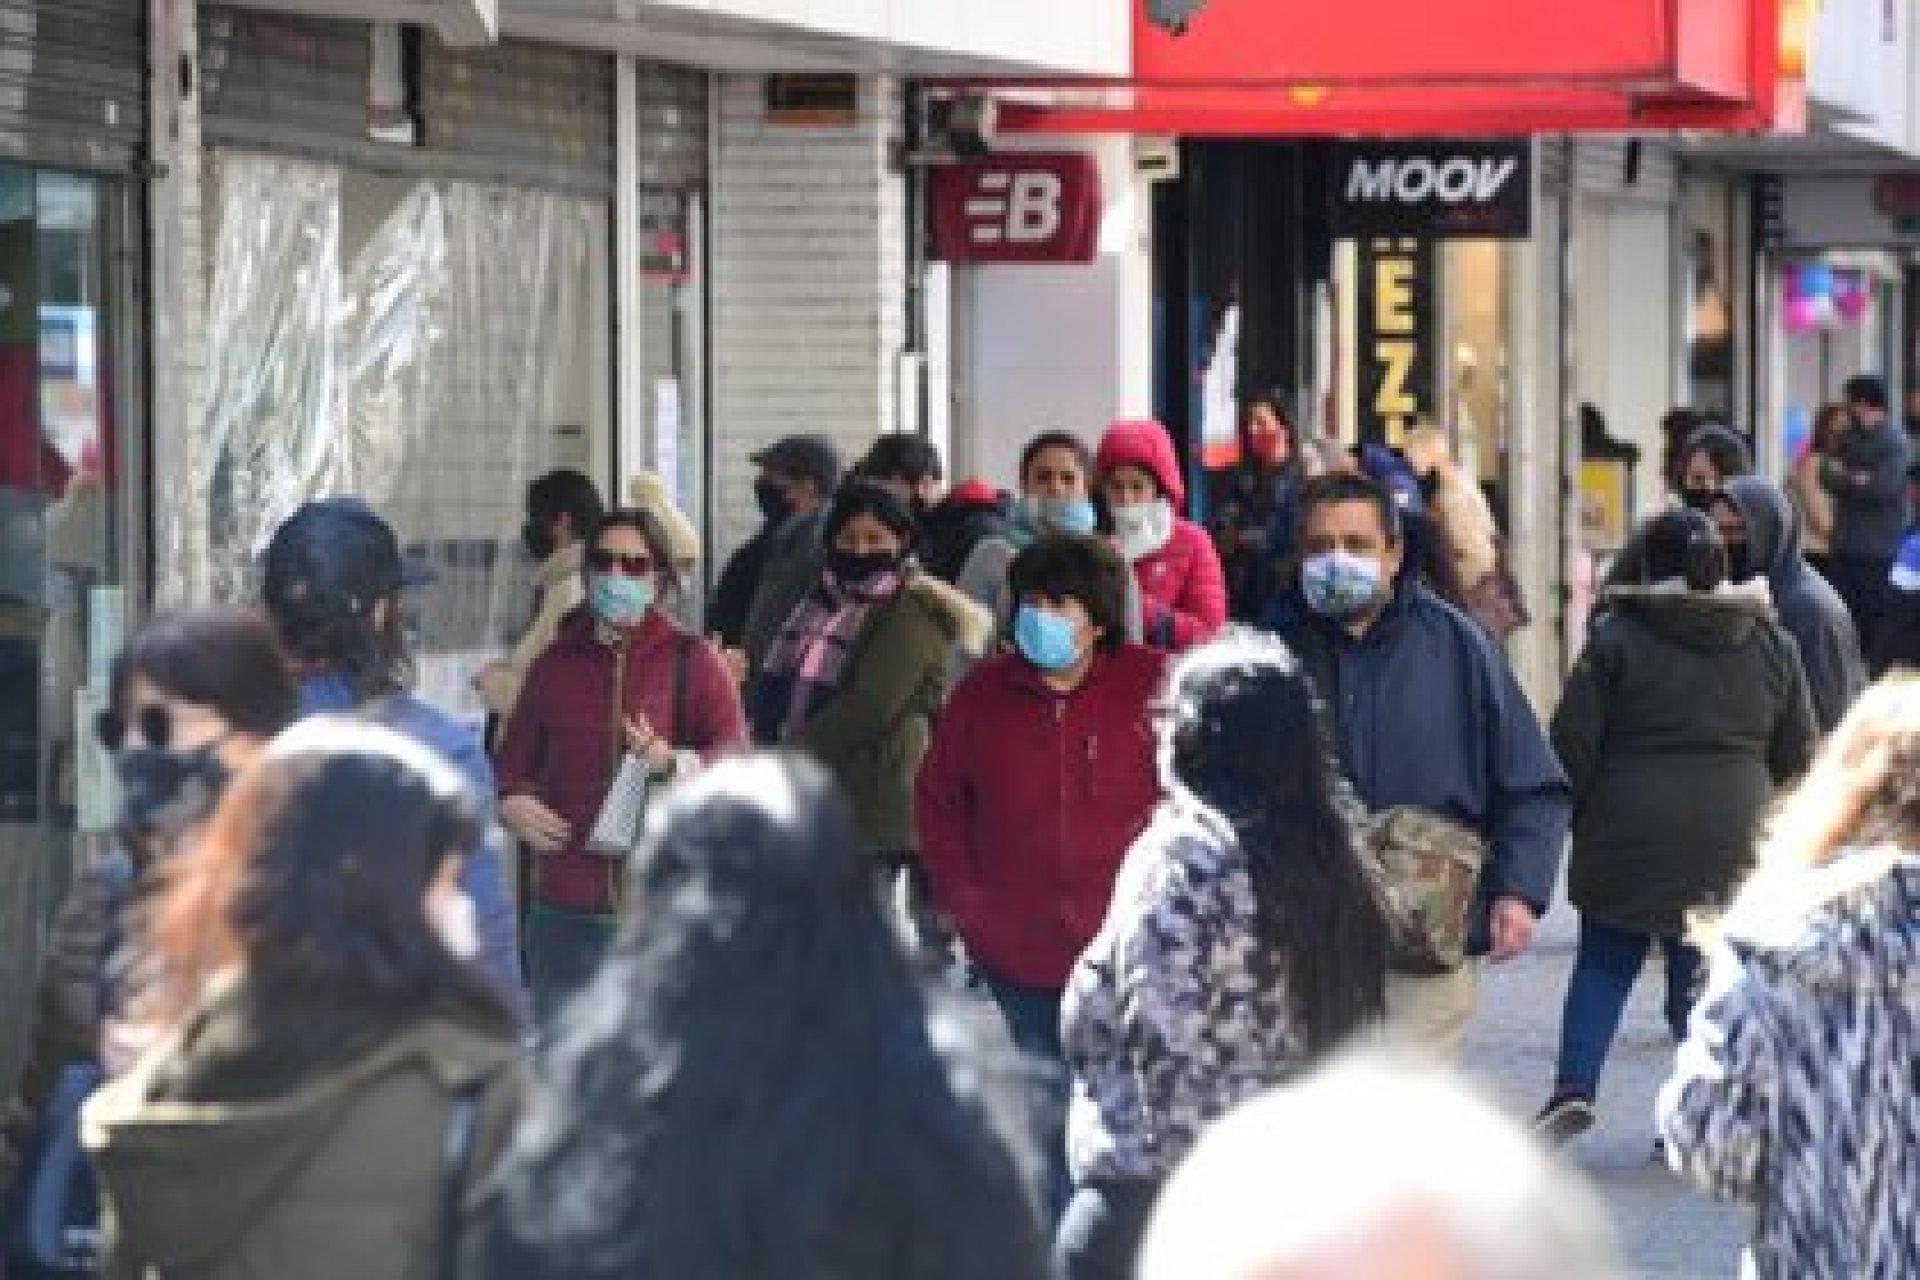 La modalidad delivery o take away no impide la aglomeración de gente en las veredas de las zonas comerciales (Quilmes)